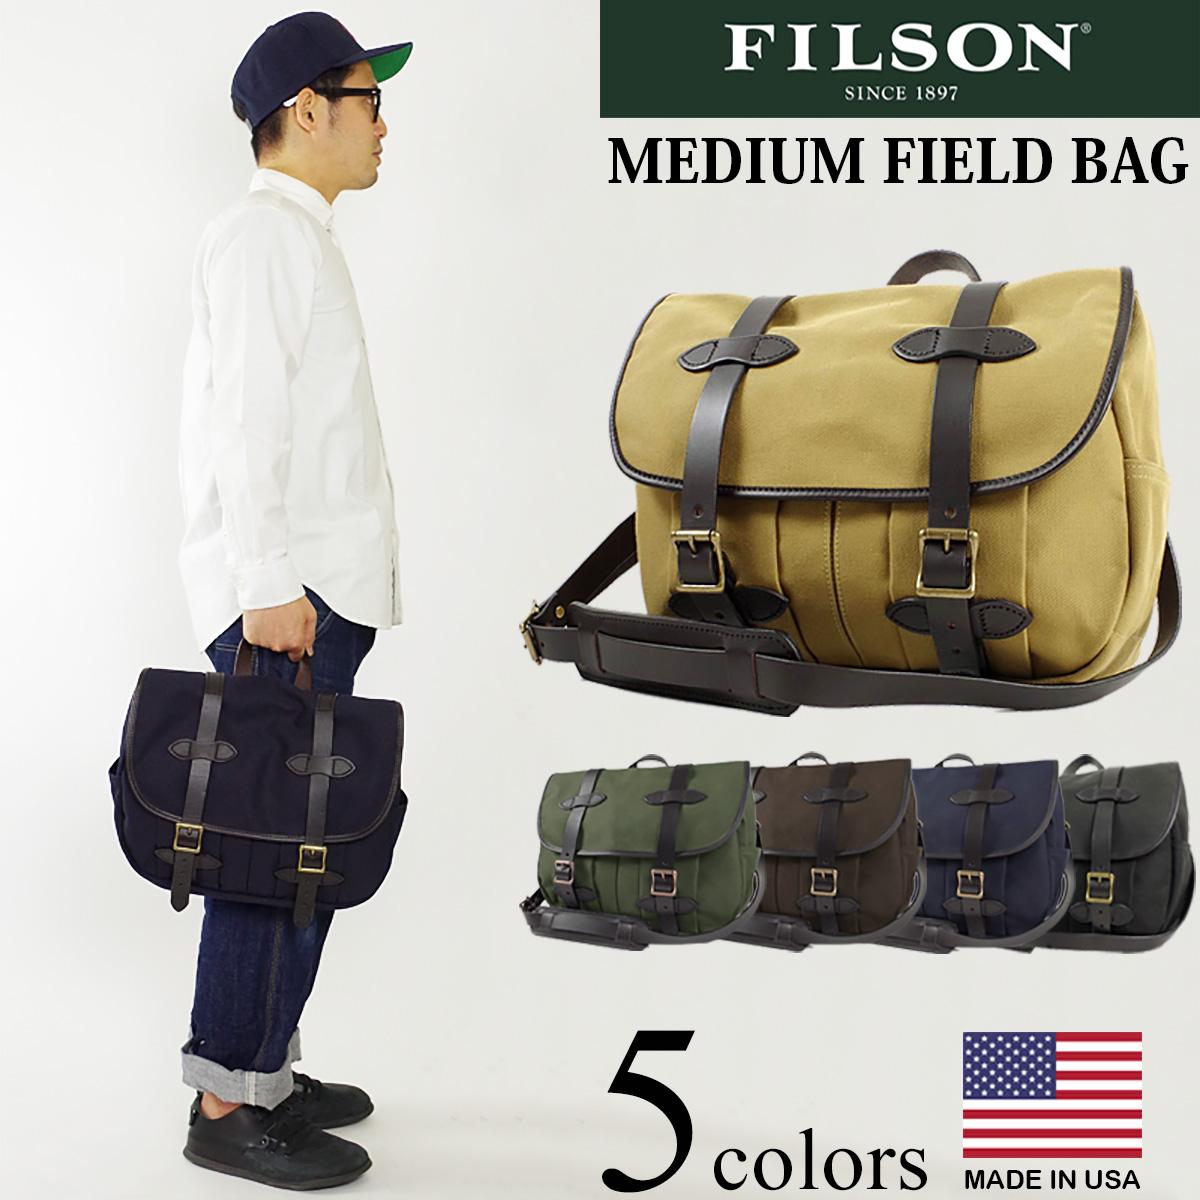 フィルソン FILSON ショルダーバック ミディアム フィールド バッグ (アメリカ製 米国製 MEDIUM FIELD BAG ショルダーバッグ)